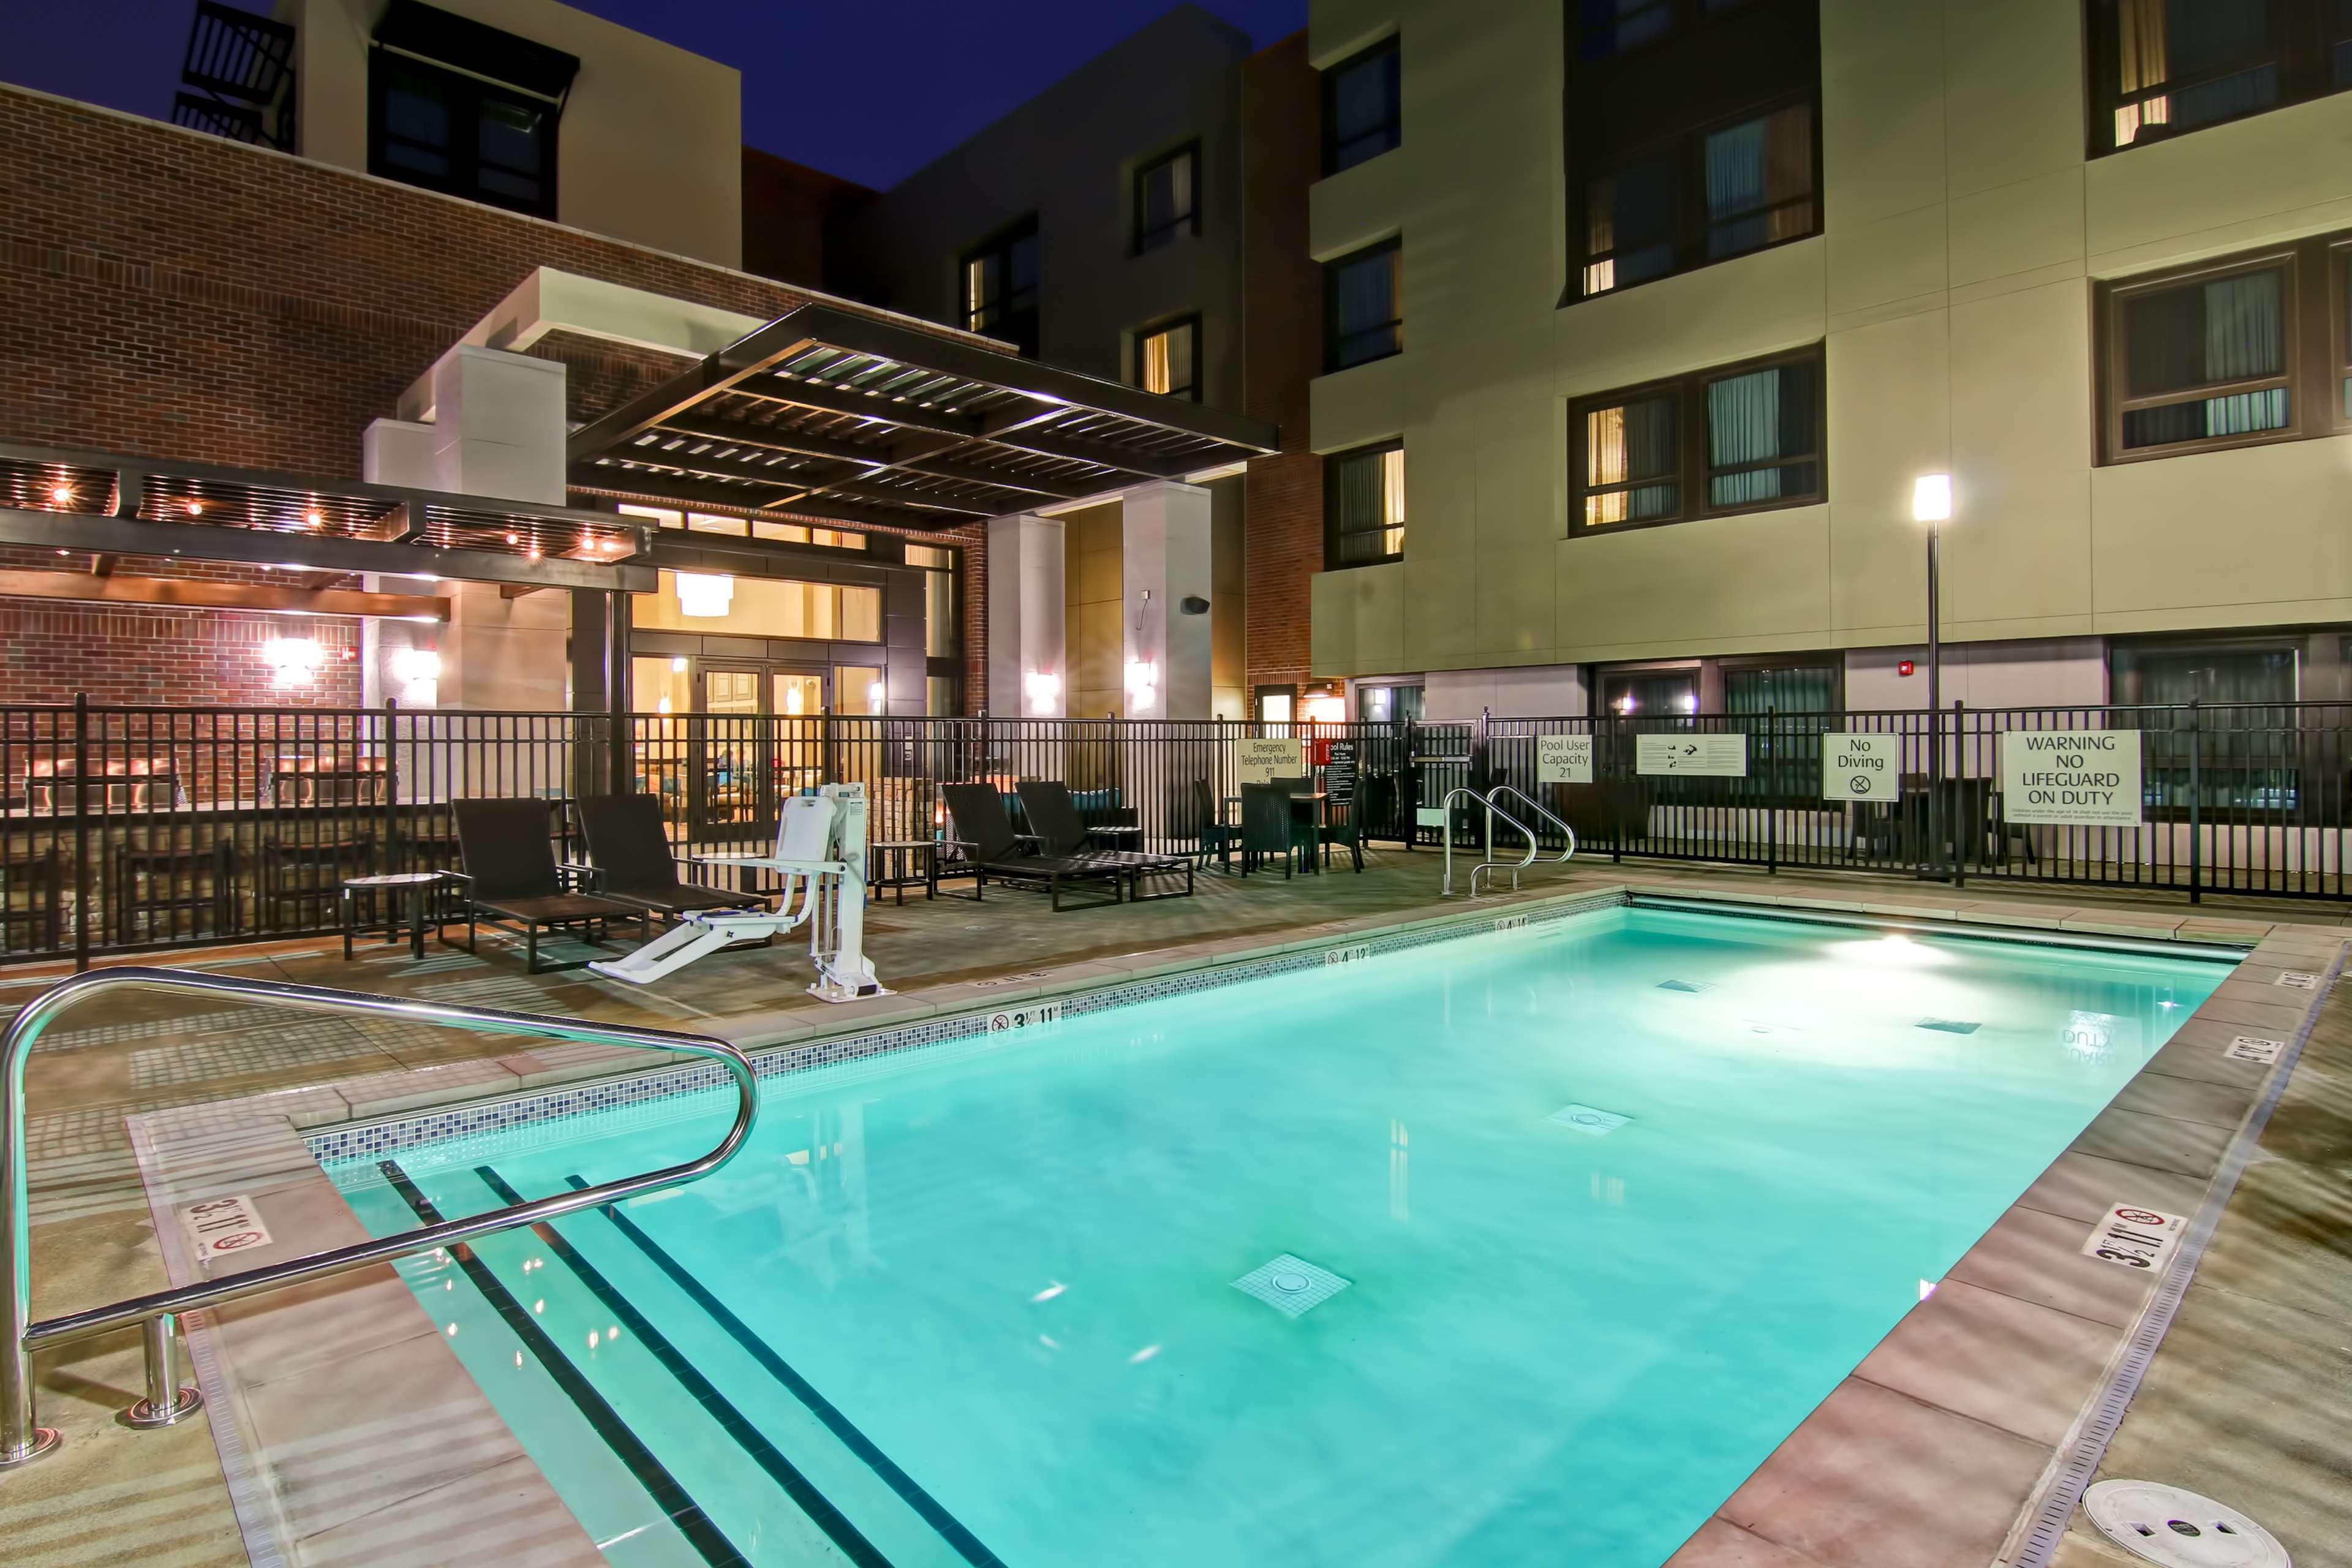 Homewood Suites by Hilton Palo Alto image 10